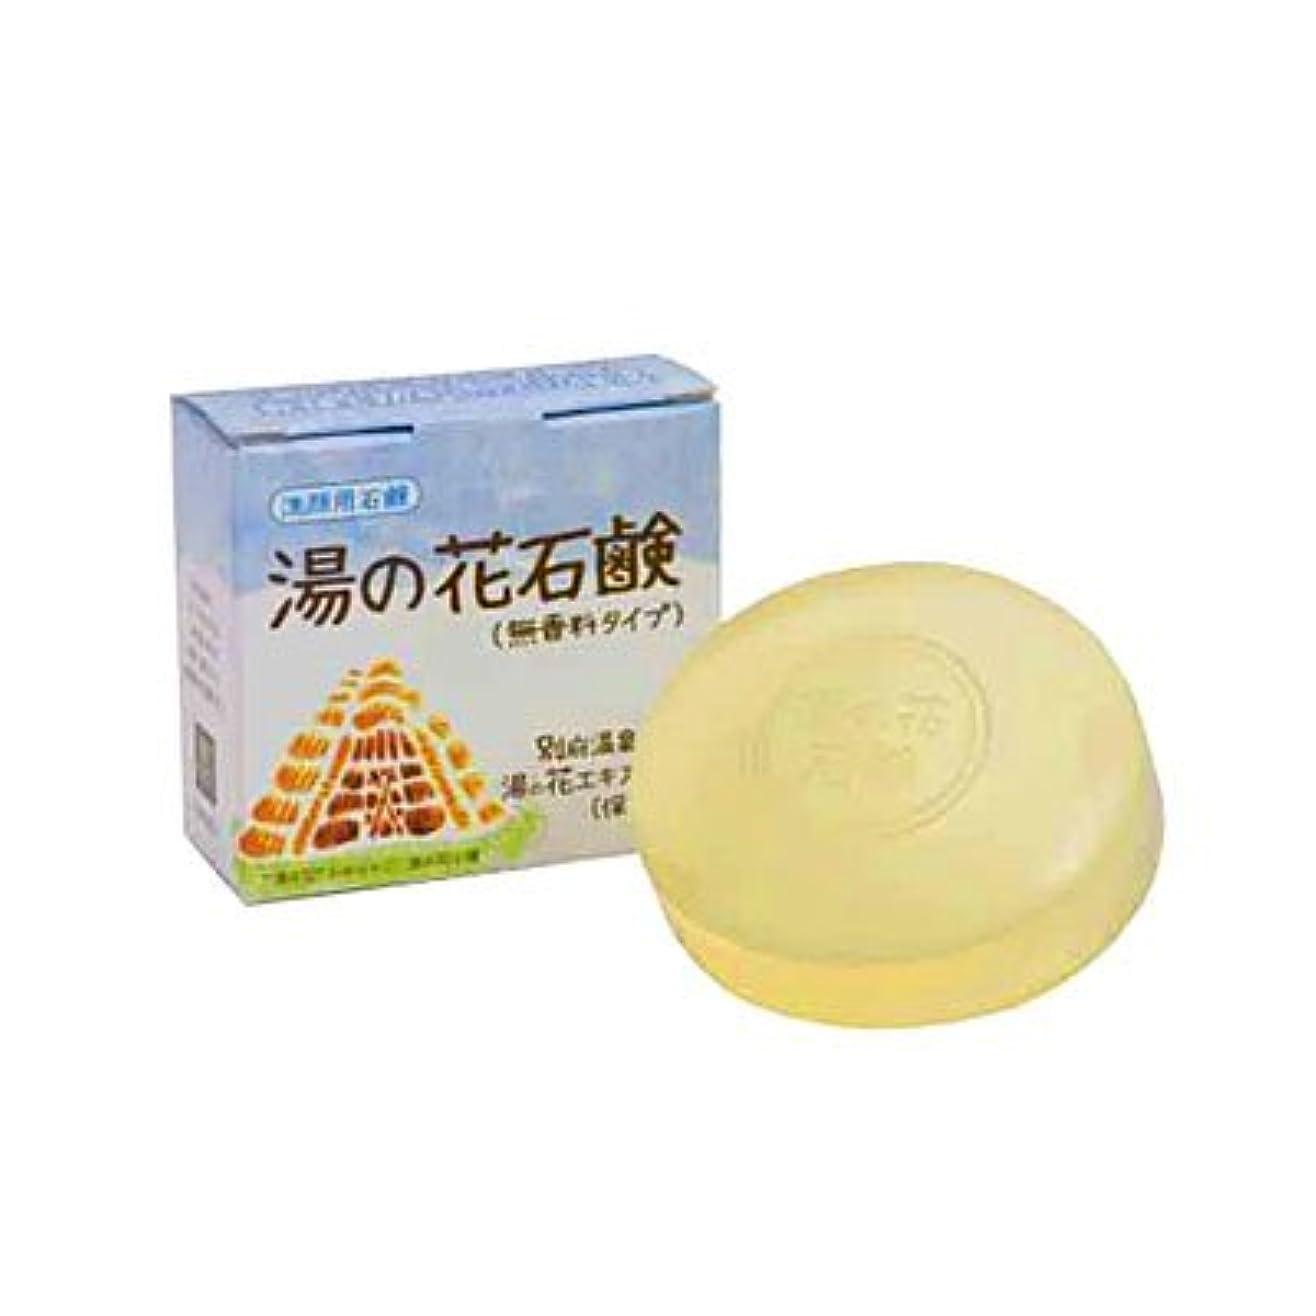 甘美なに慣れ取り組む薬用 湯の花石鹸 ビーナス1 80g